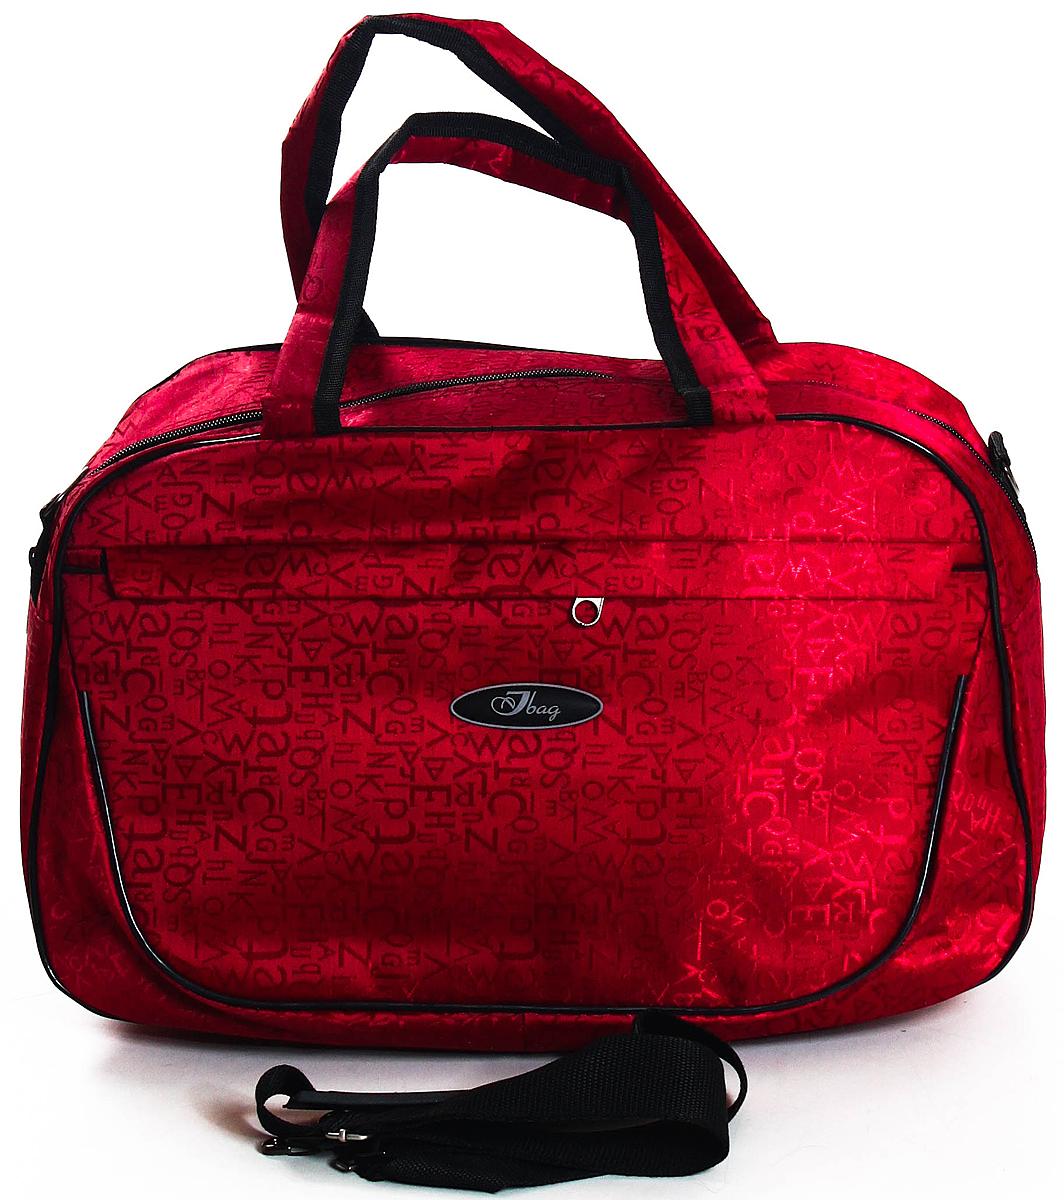 Сумка дорожная Ibag, цвет: красный, 21 л5206 Красные буквыТекстильный саквояж. Материал жаккард. Снаружи 2 накладных кармана на молнии, по 1-му с каждой стороны. Внутри 1 большое отделение, 1 боковой карман на молнии + 2 кармана накладных. В комплекте плечевой ремень.